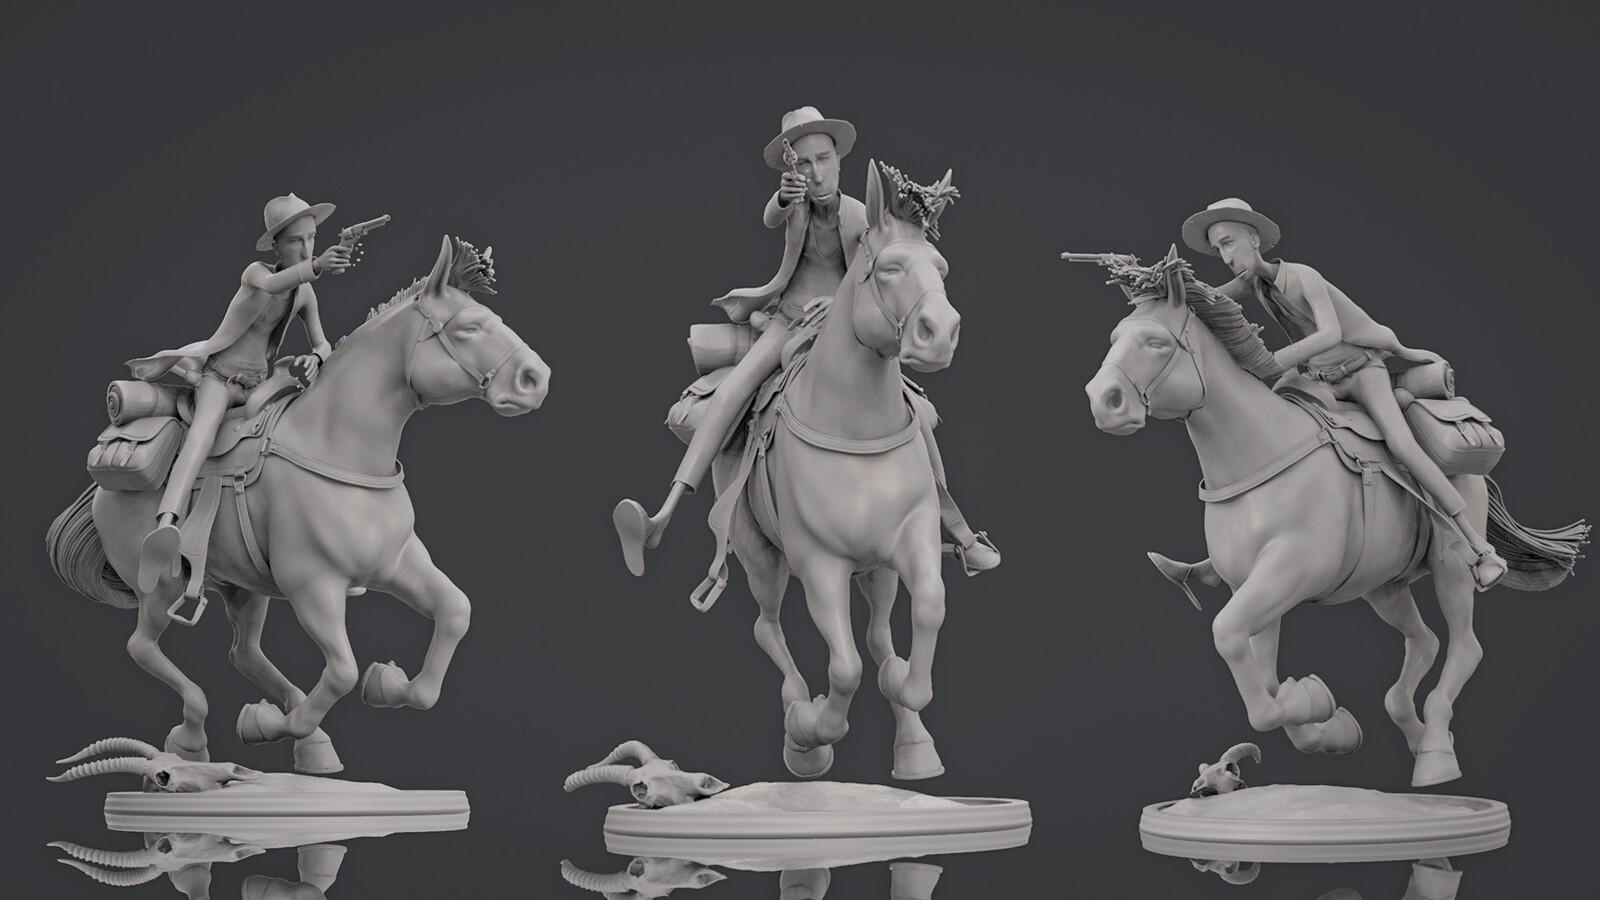 Cowboy - Sculpt